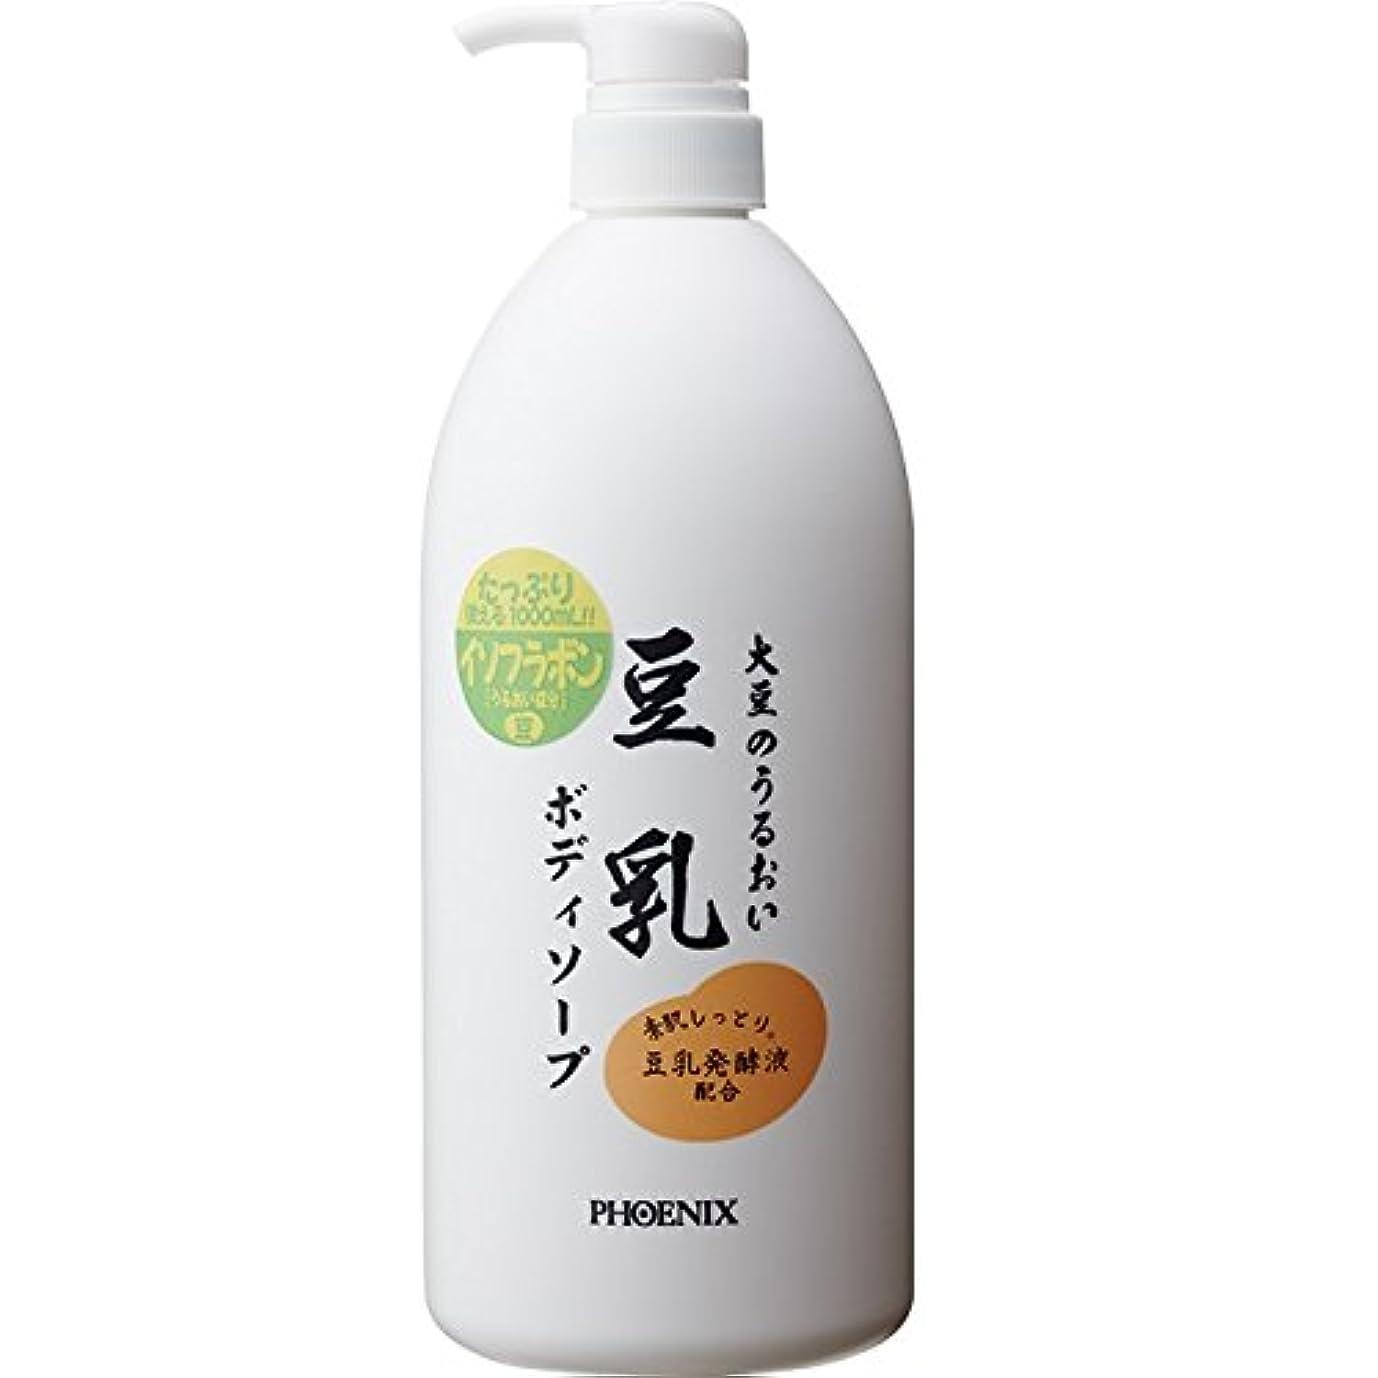 経過貞会社【ケース販売】豆乳ボディソープ 1L×10本